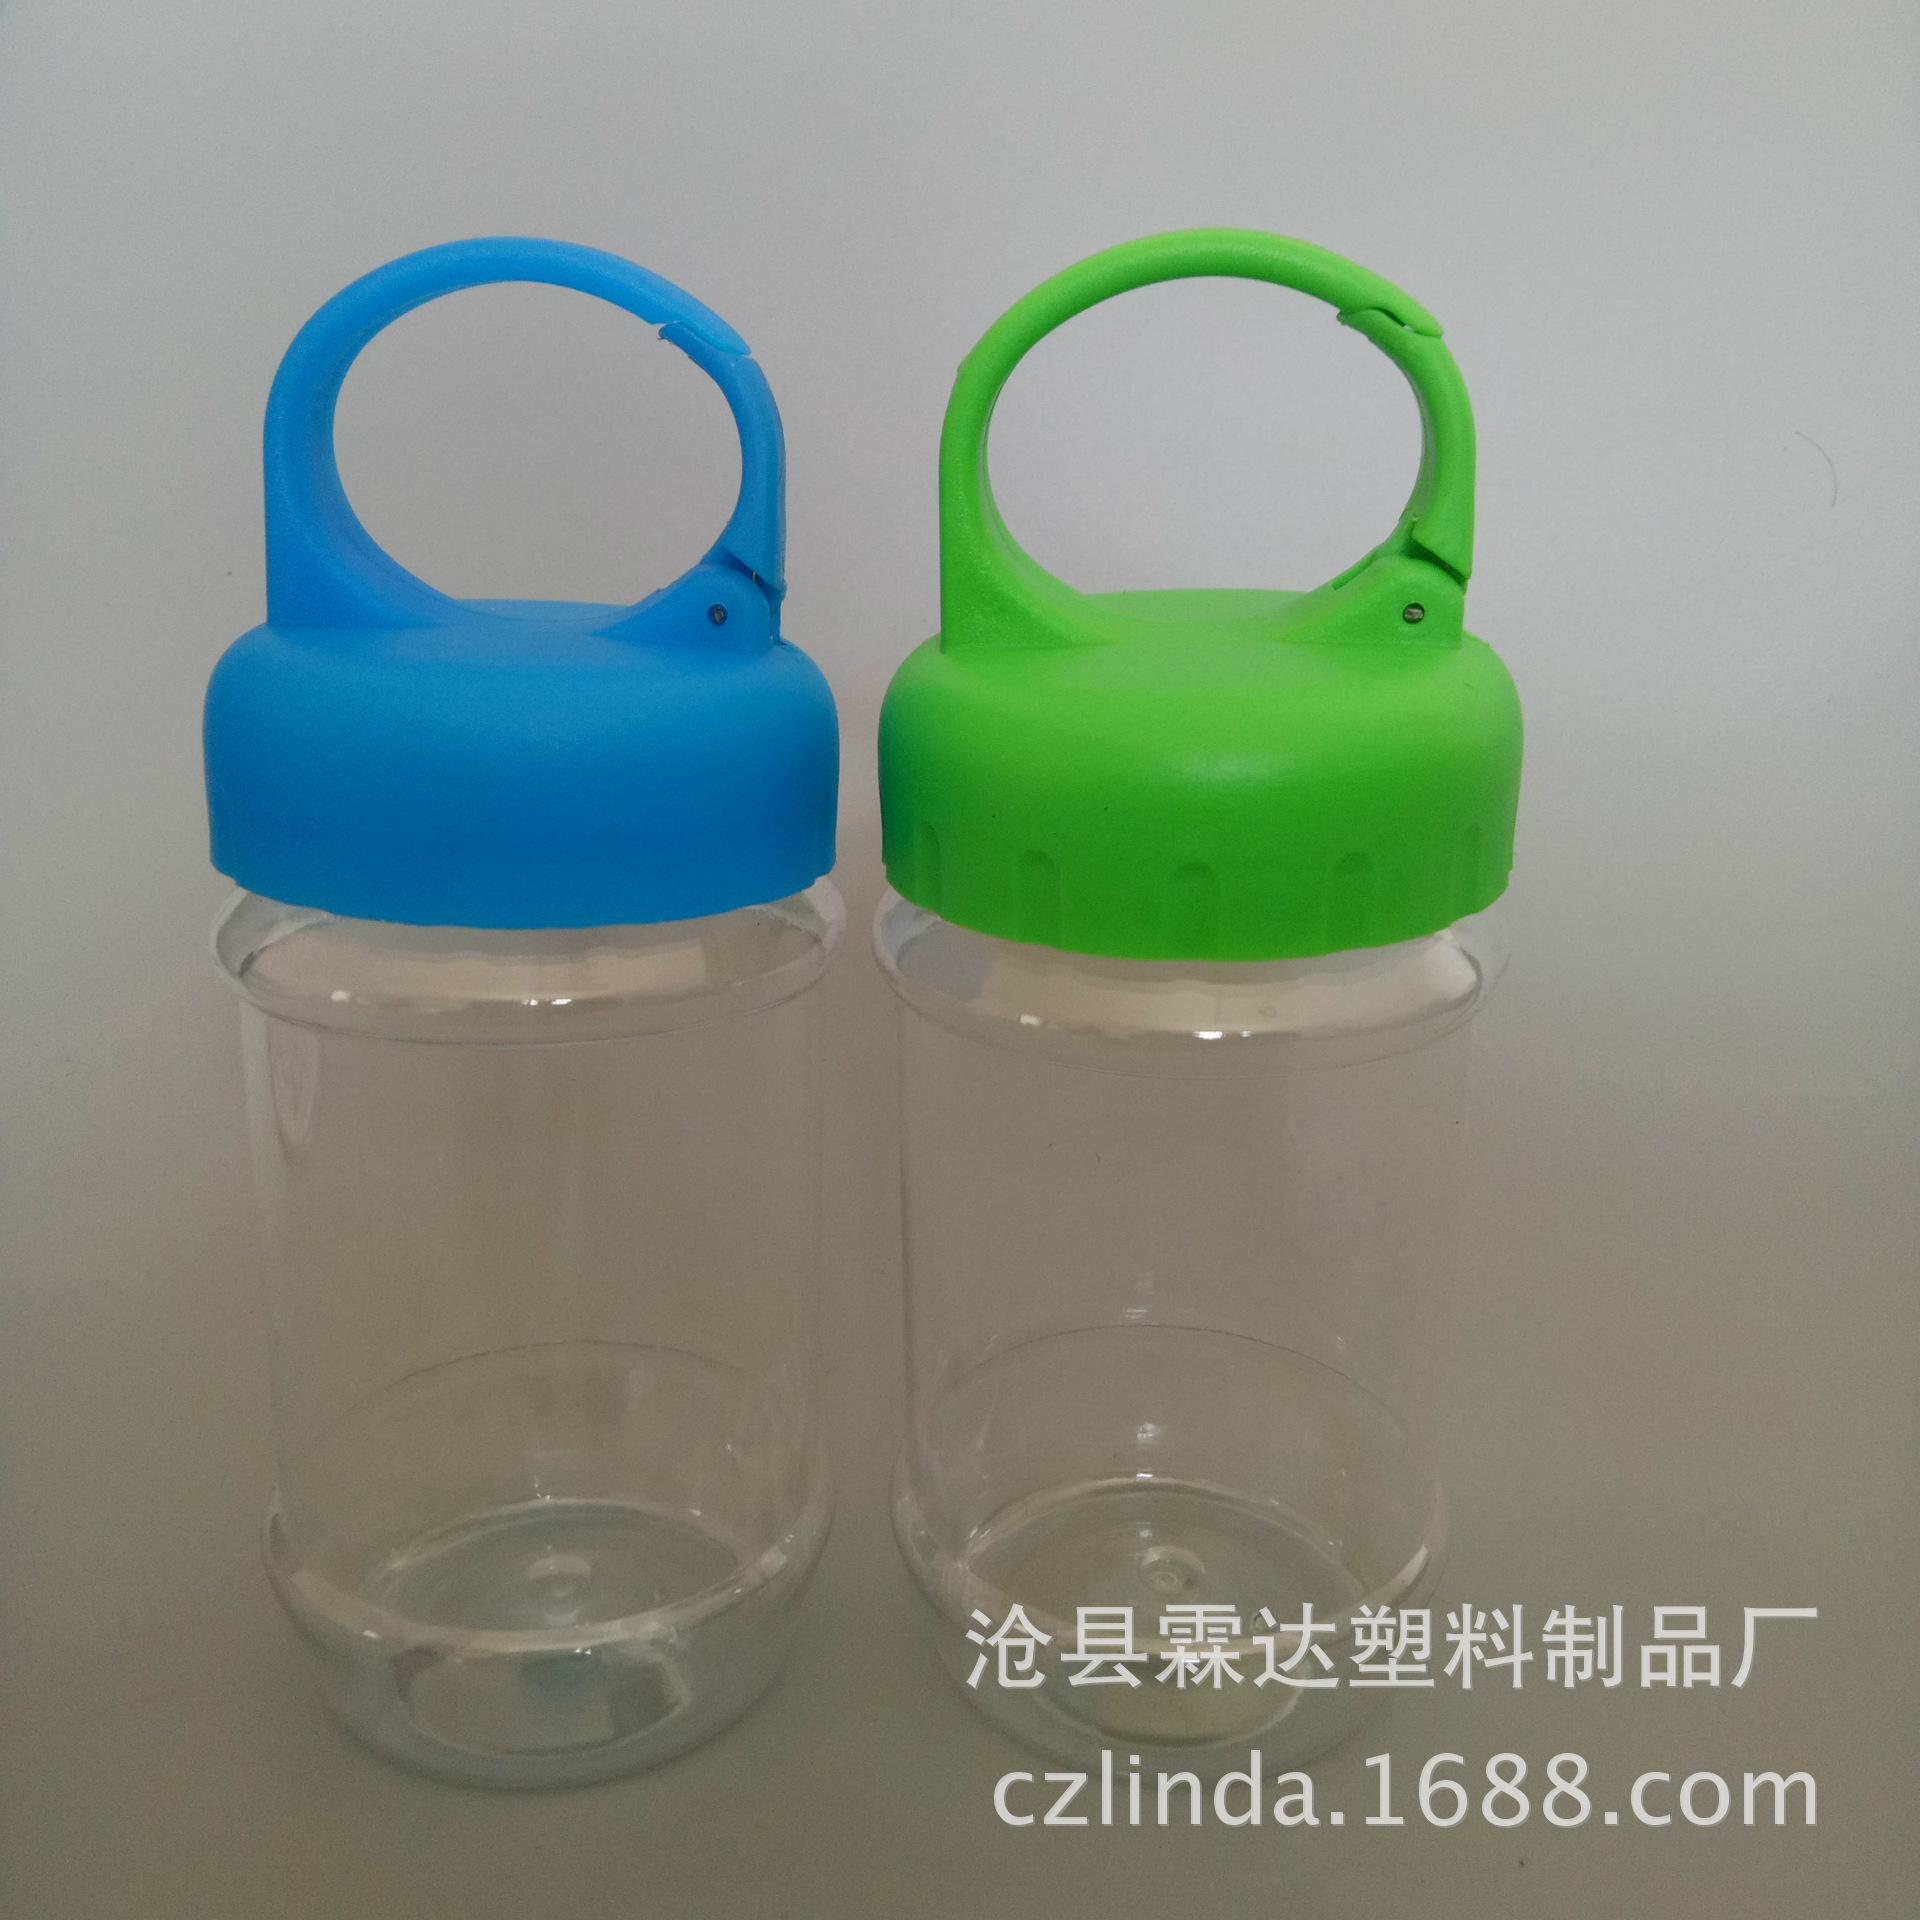 厂家直销冰巾瓶 活口冷感运动毛巾瓶 pet塑料瓶